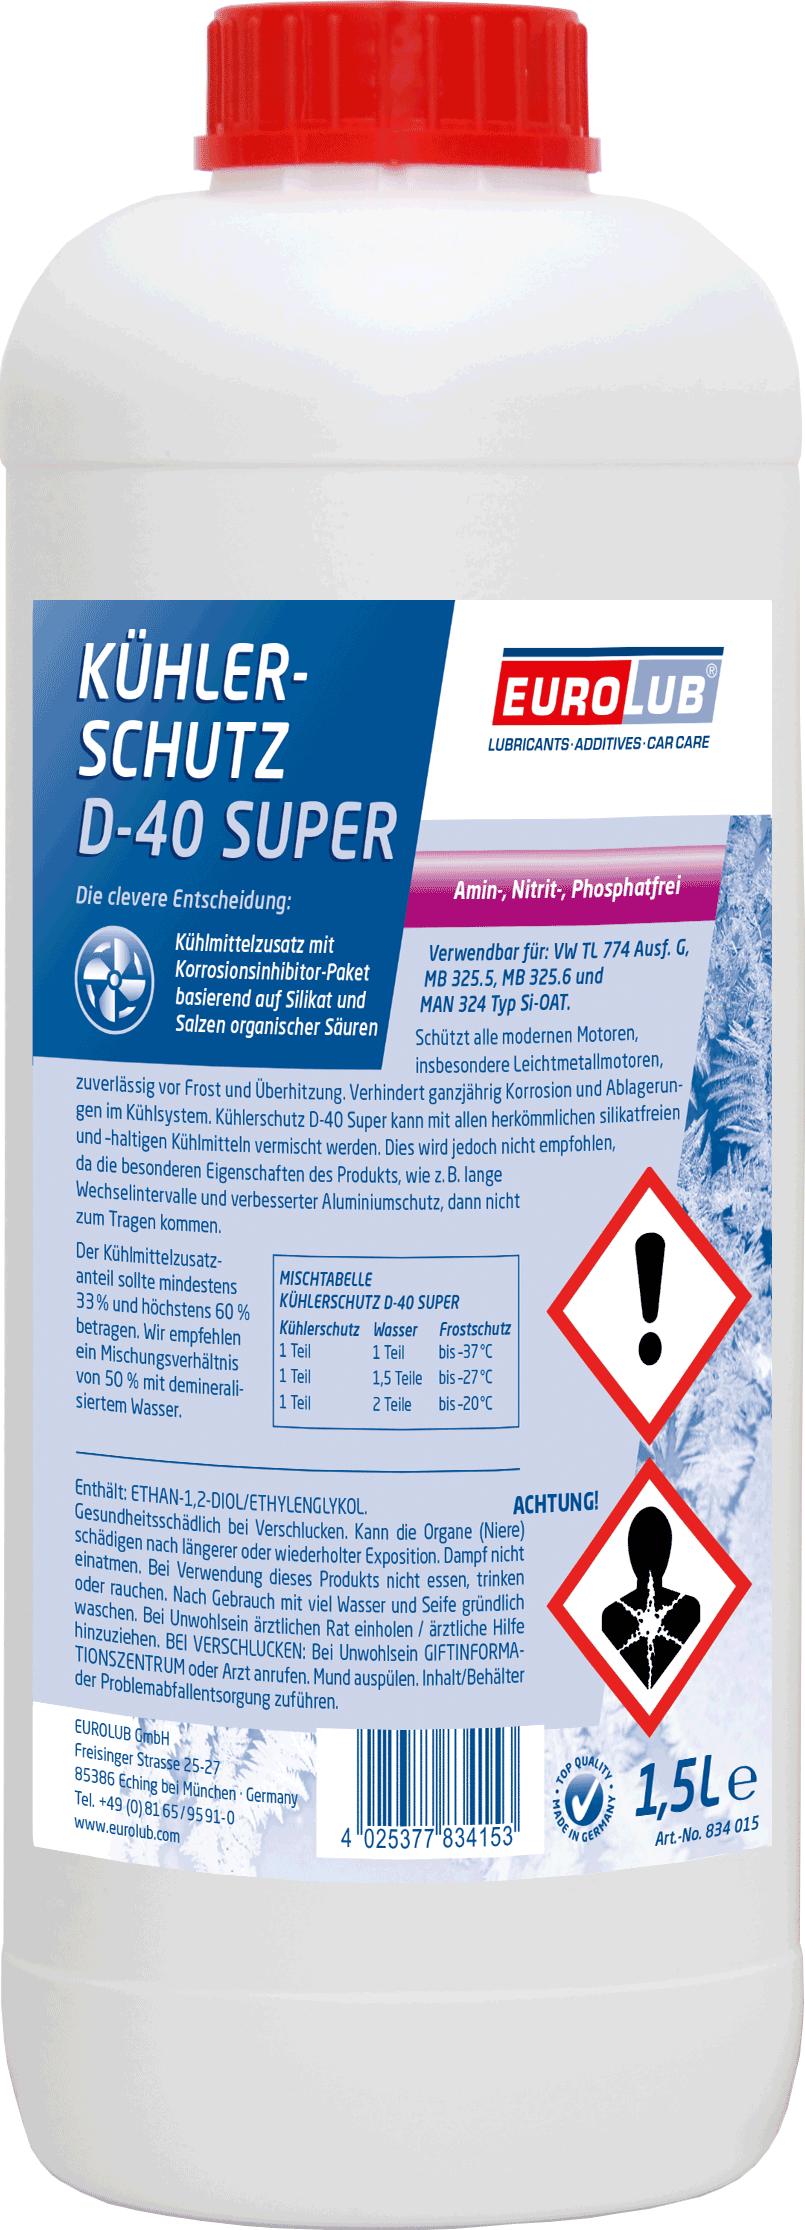 EUROLUB Kuhlerschutz  D-40 Super, 1.5л